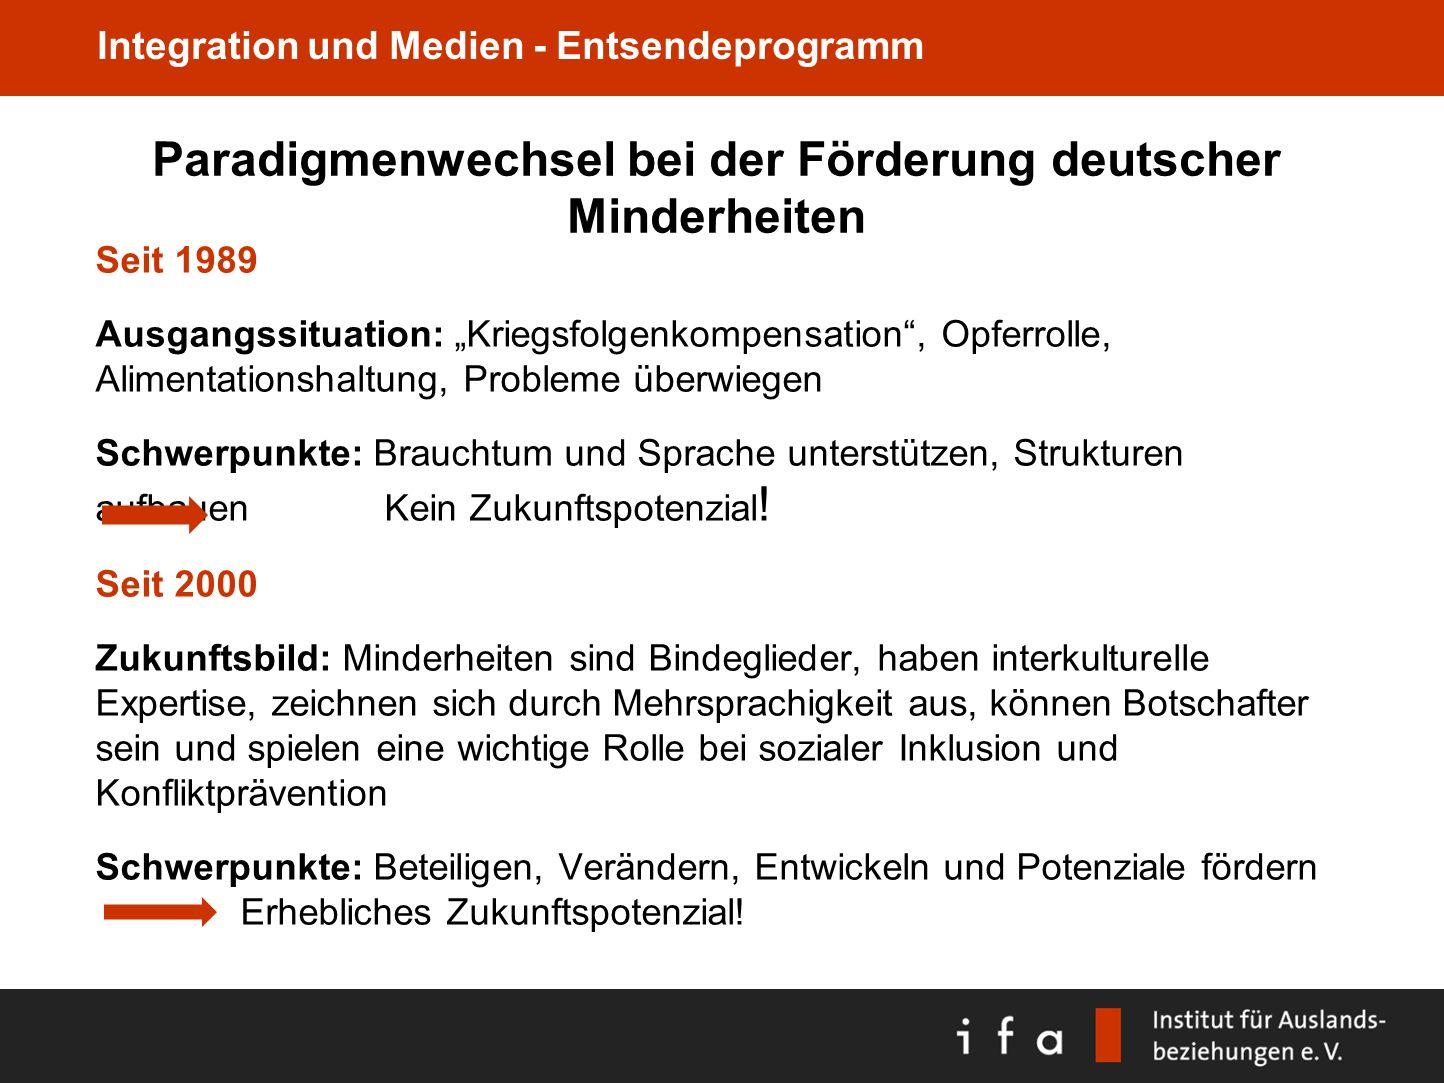 Integration und Medien - Entsendeprogramm Instrumente zur Förderung der deutschen Minderheiten Entsendeprogramm Antragsförderung Eigenprojekte Fortbildung und Beratung